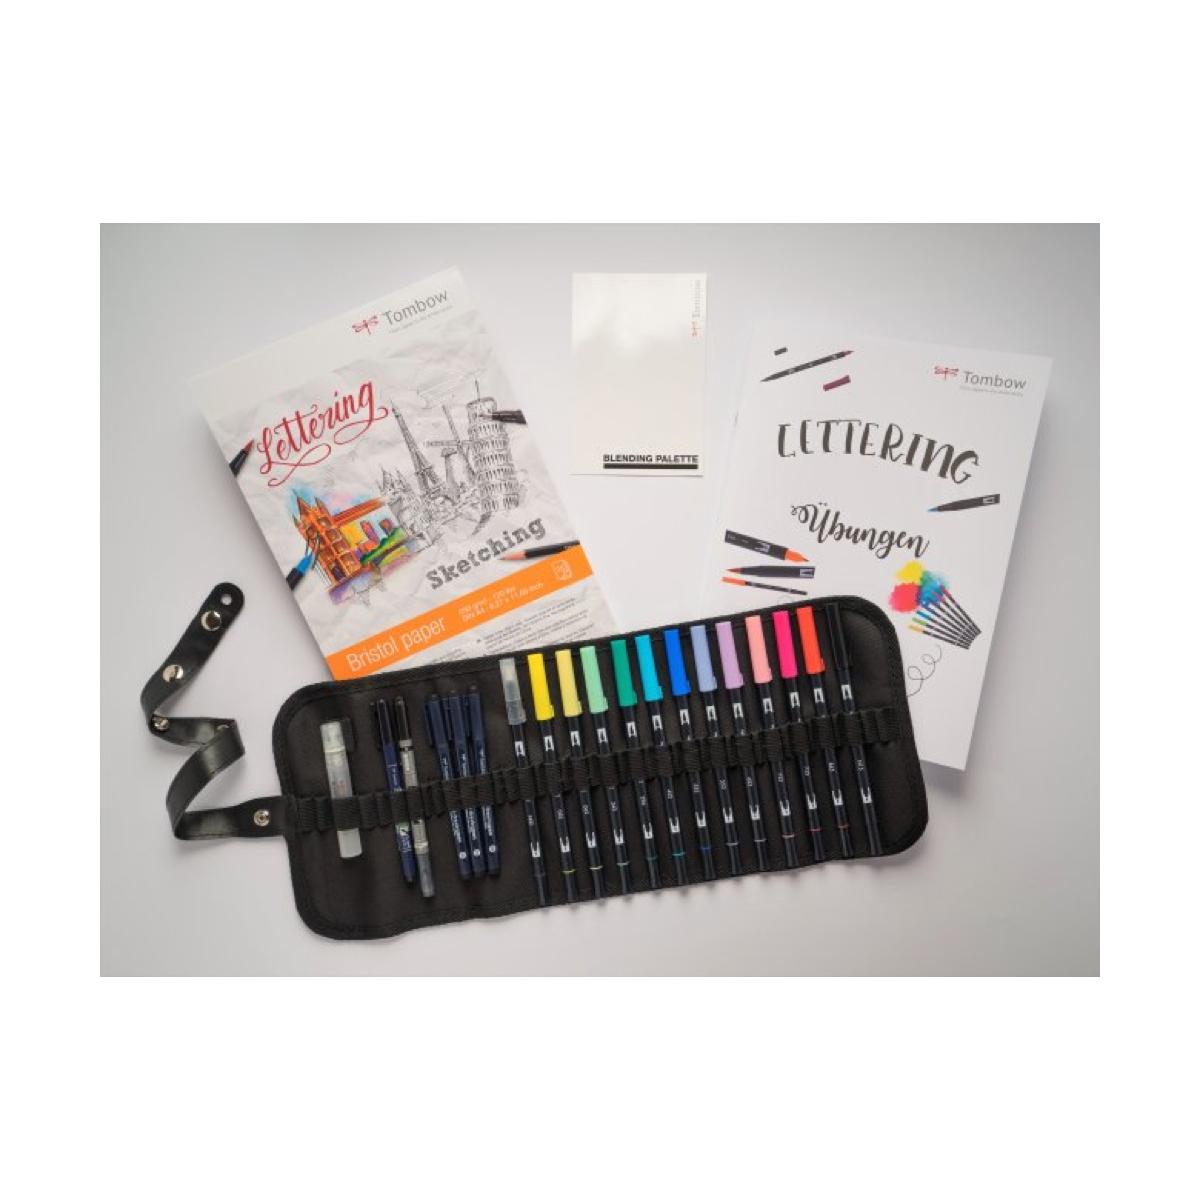 Tombow - ABT Dual Brush Pen Geschenkset 23-teilig